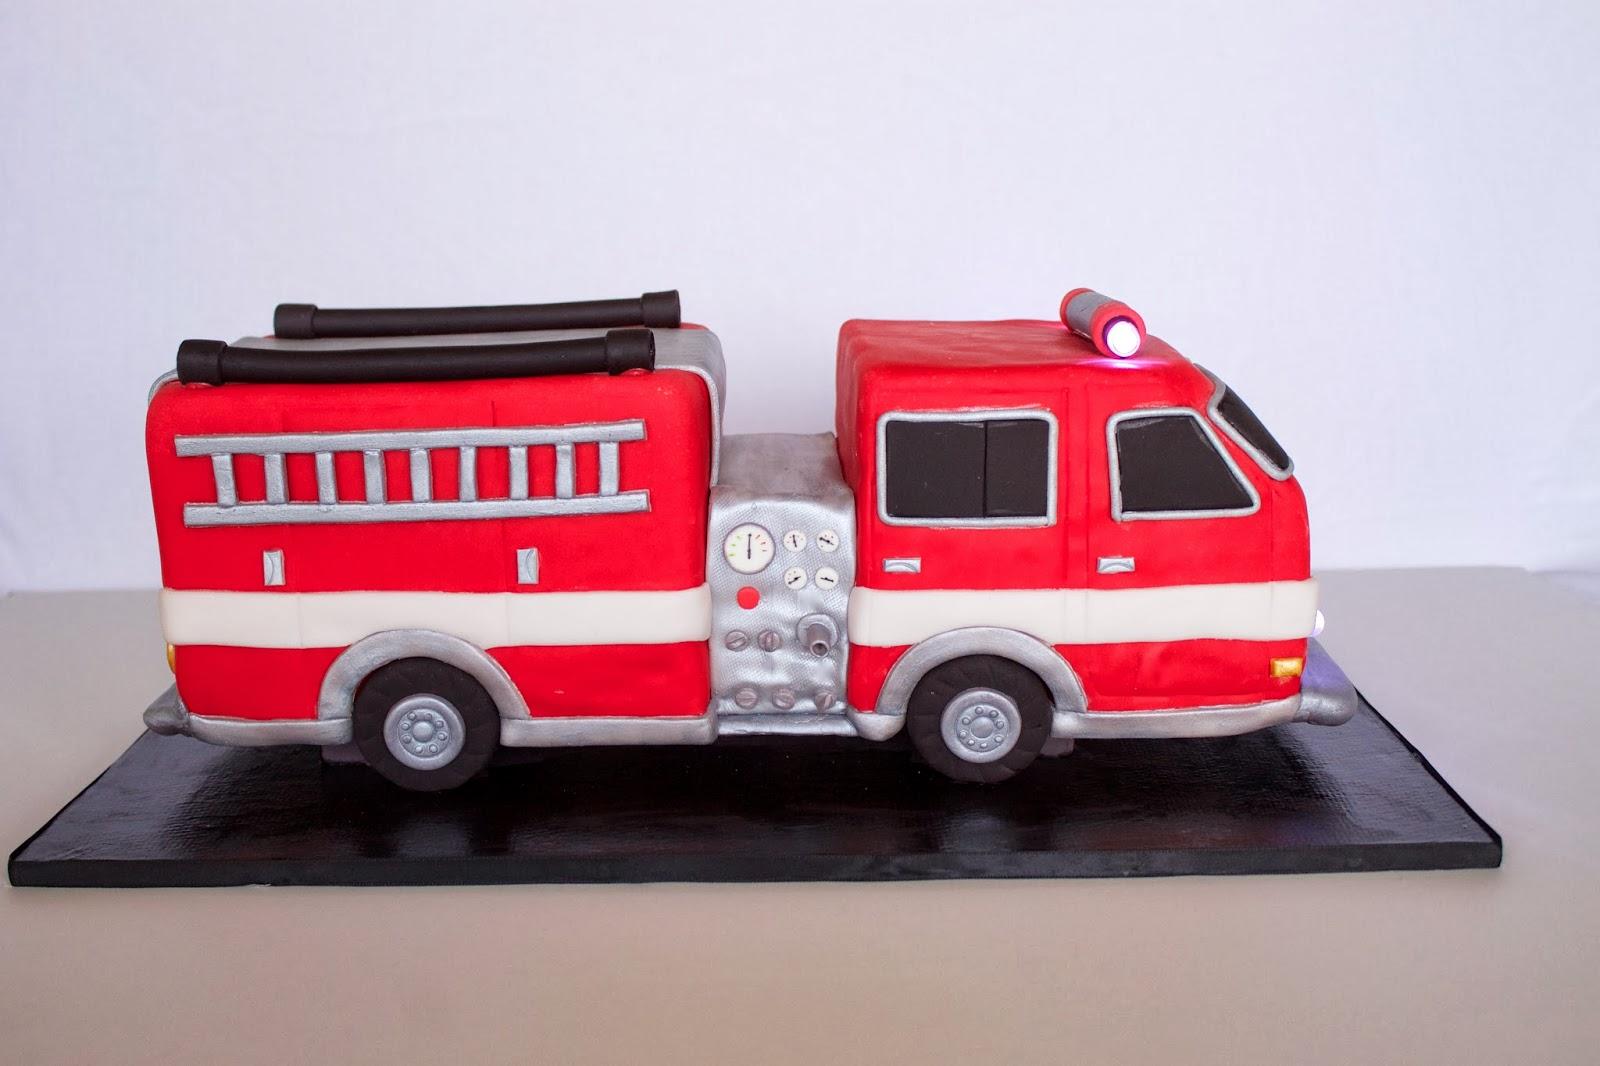 Truck Model Cake